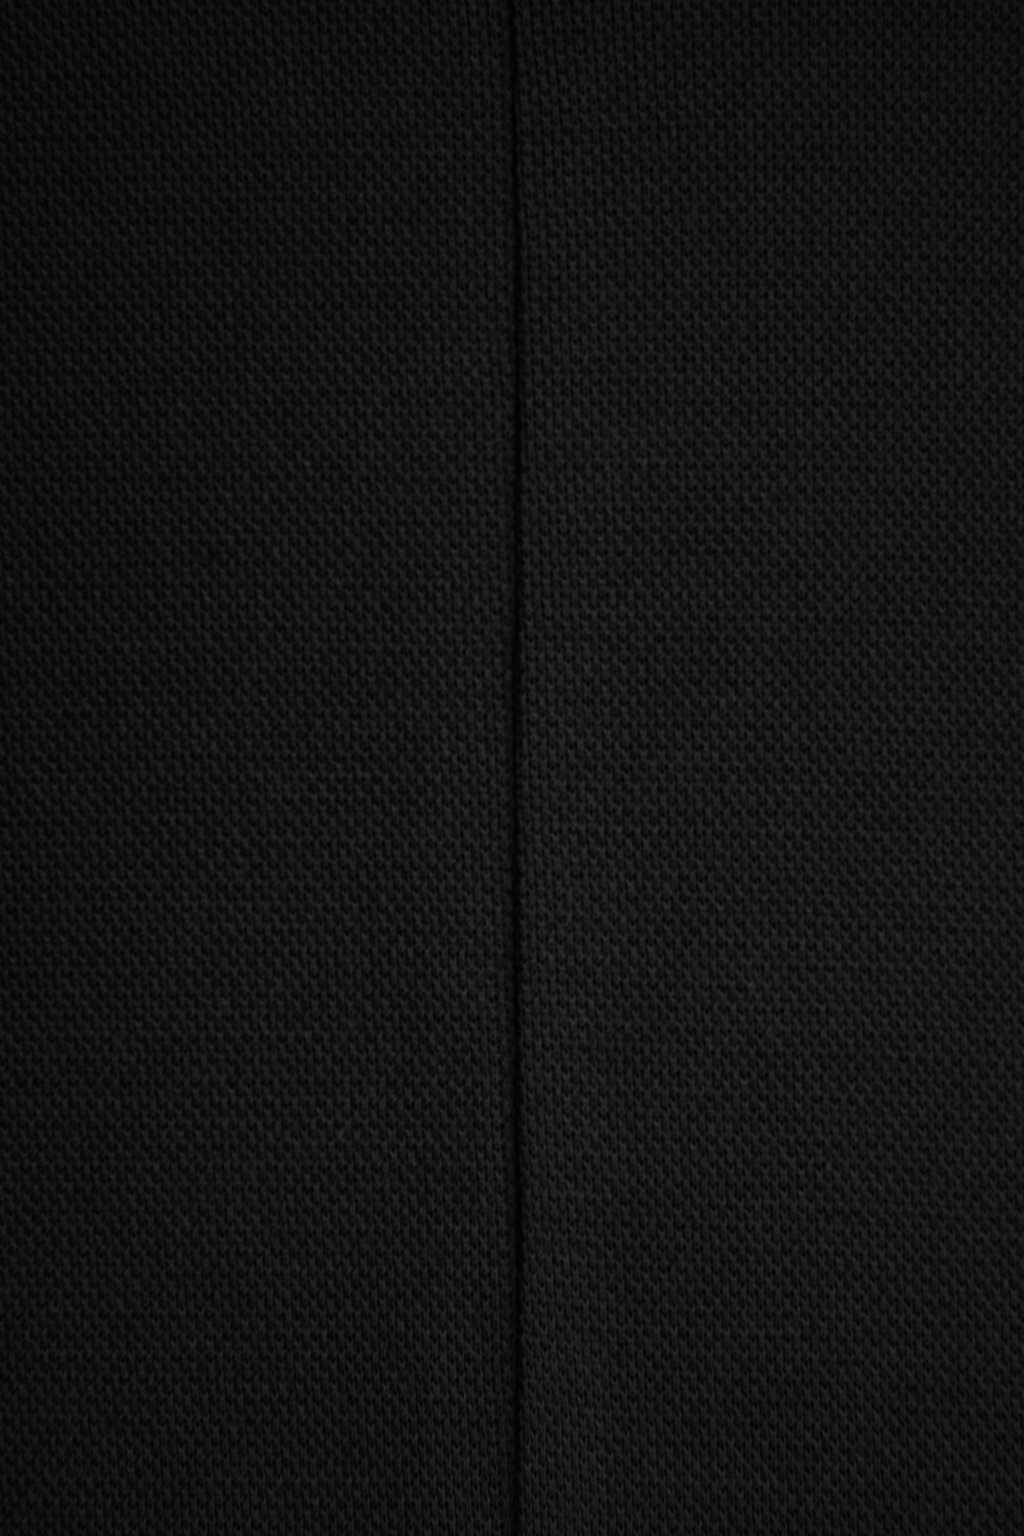 TShirt 2930 Black 6